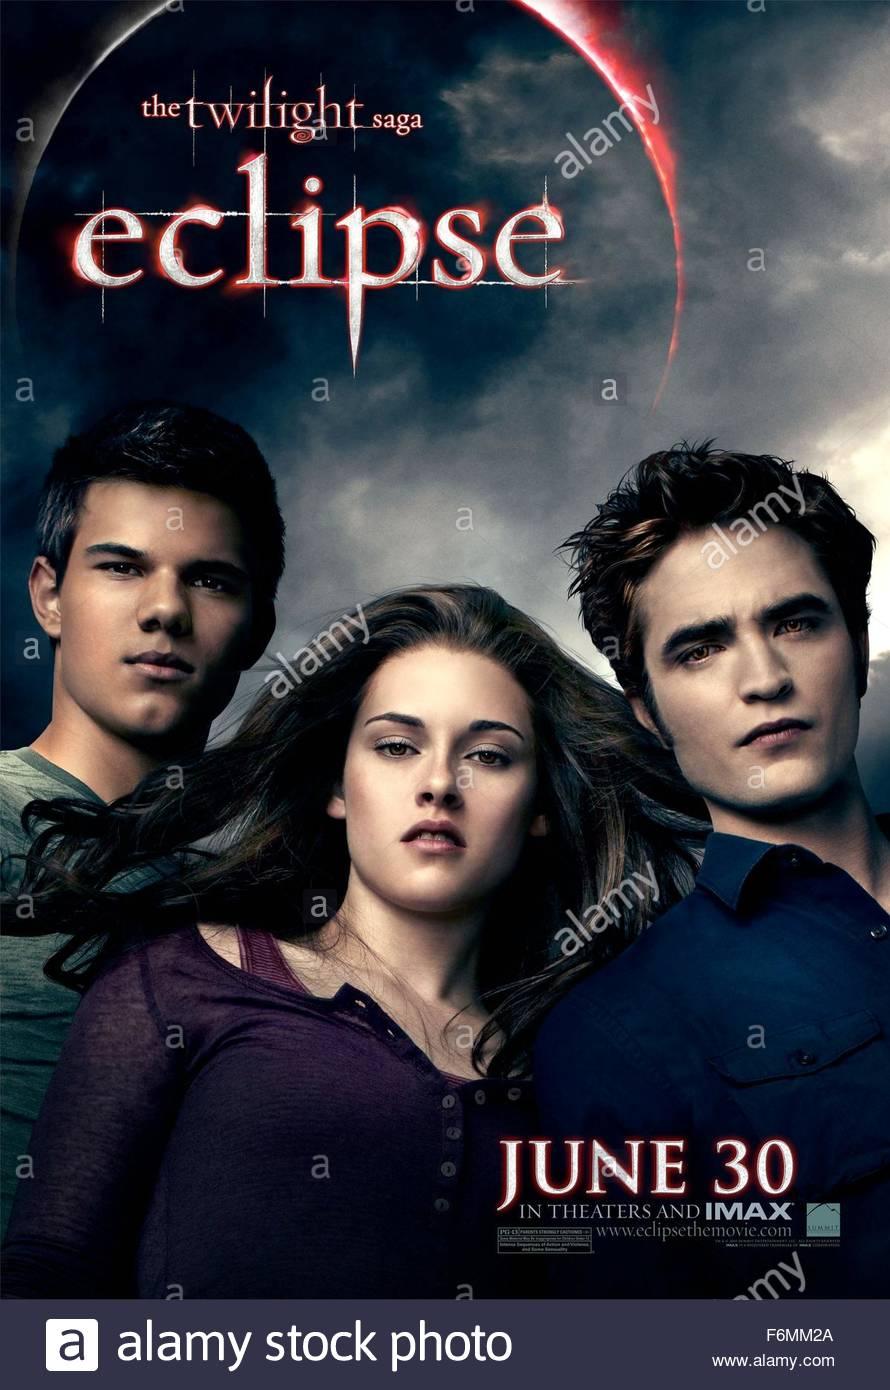 Twilight 6: release date, trailer hd - Release Date Story